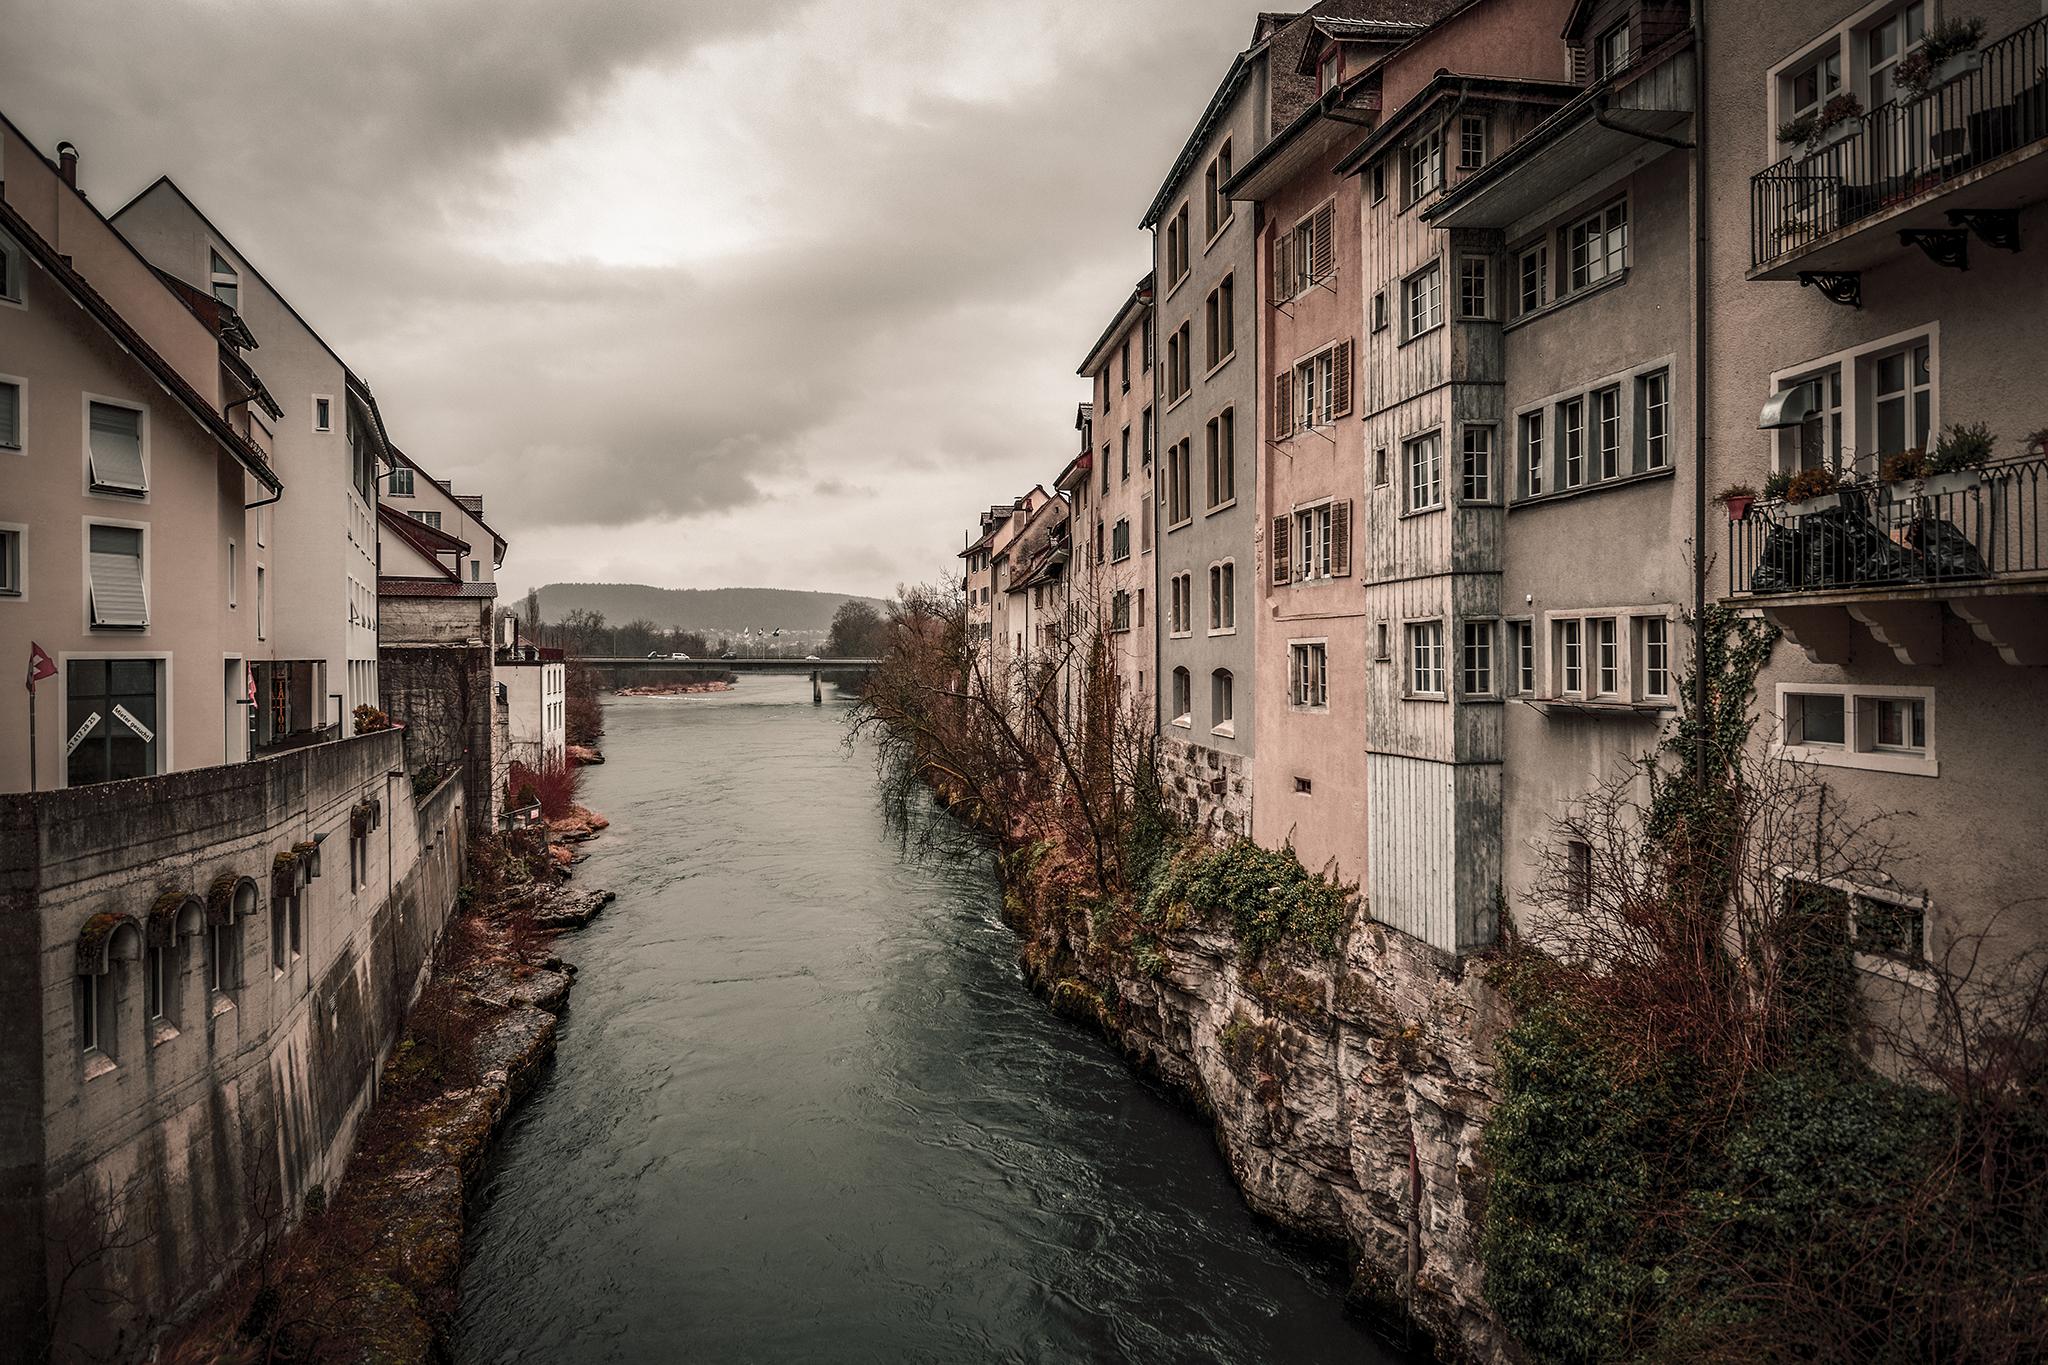 Brugg, Switzerland